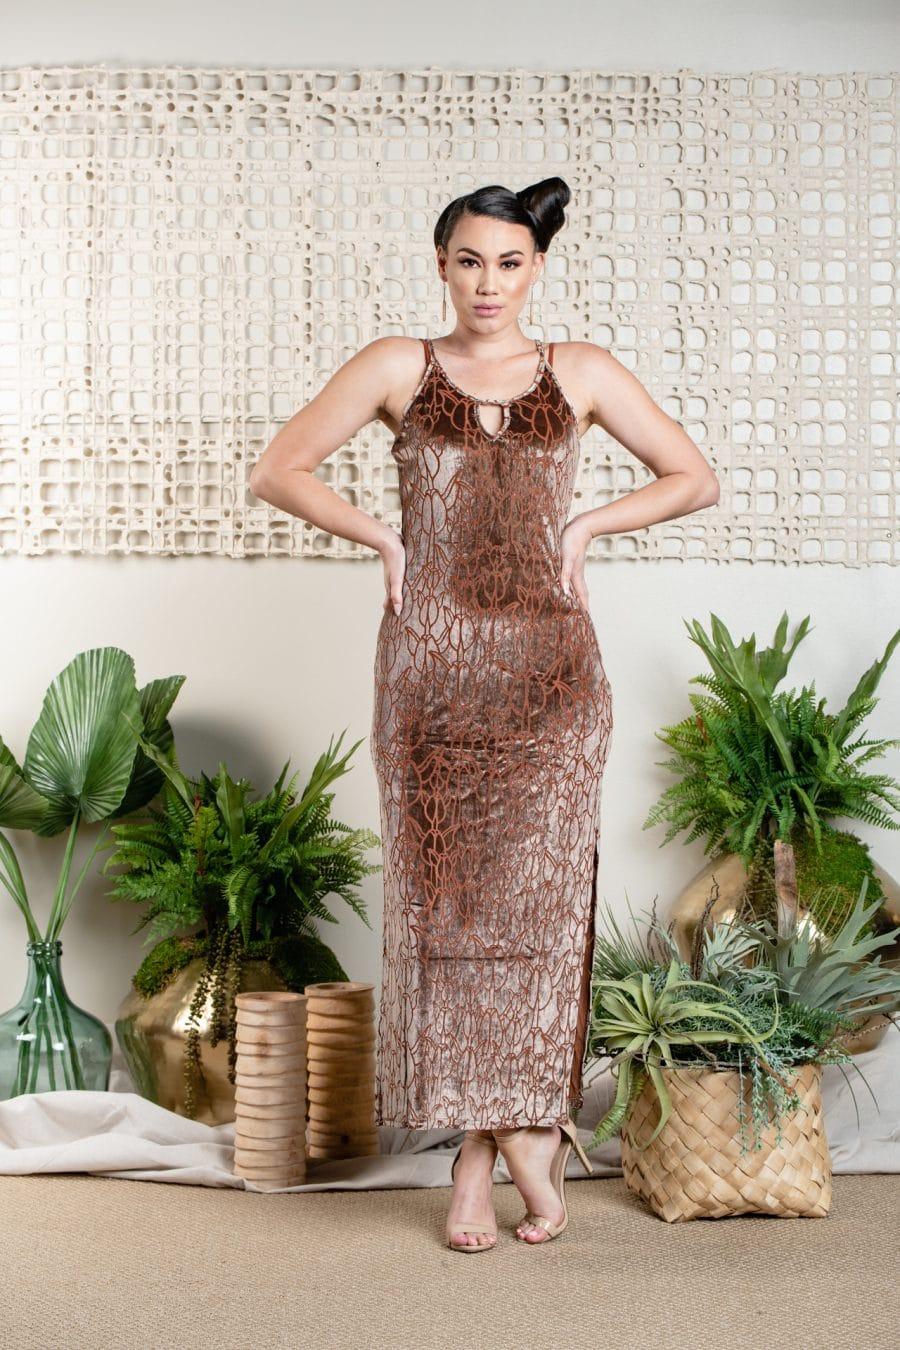 Model wearing Paniau Maxi Dress in Ginger Beer Kapualiko - Front View